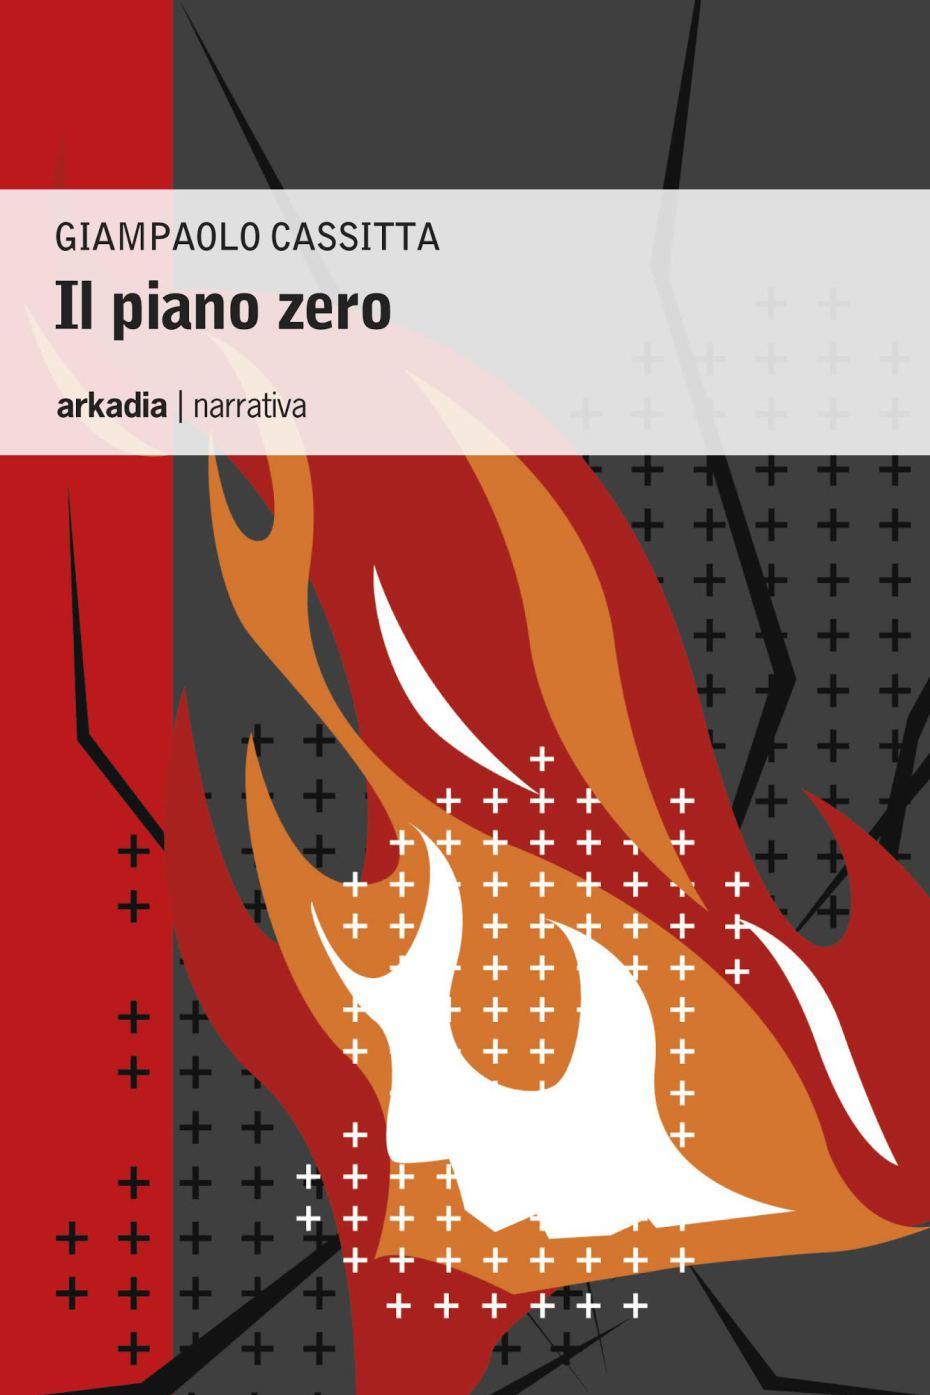 Piano zero